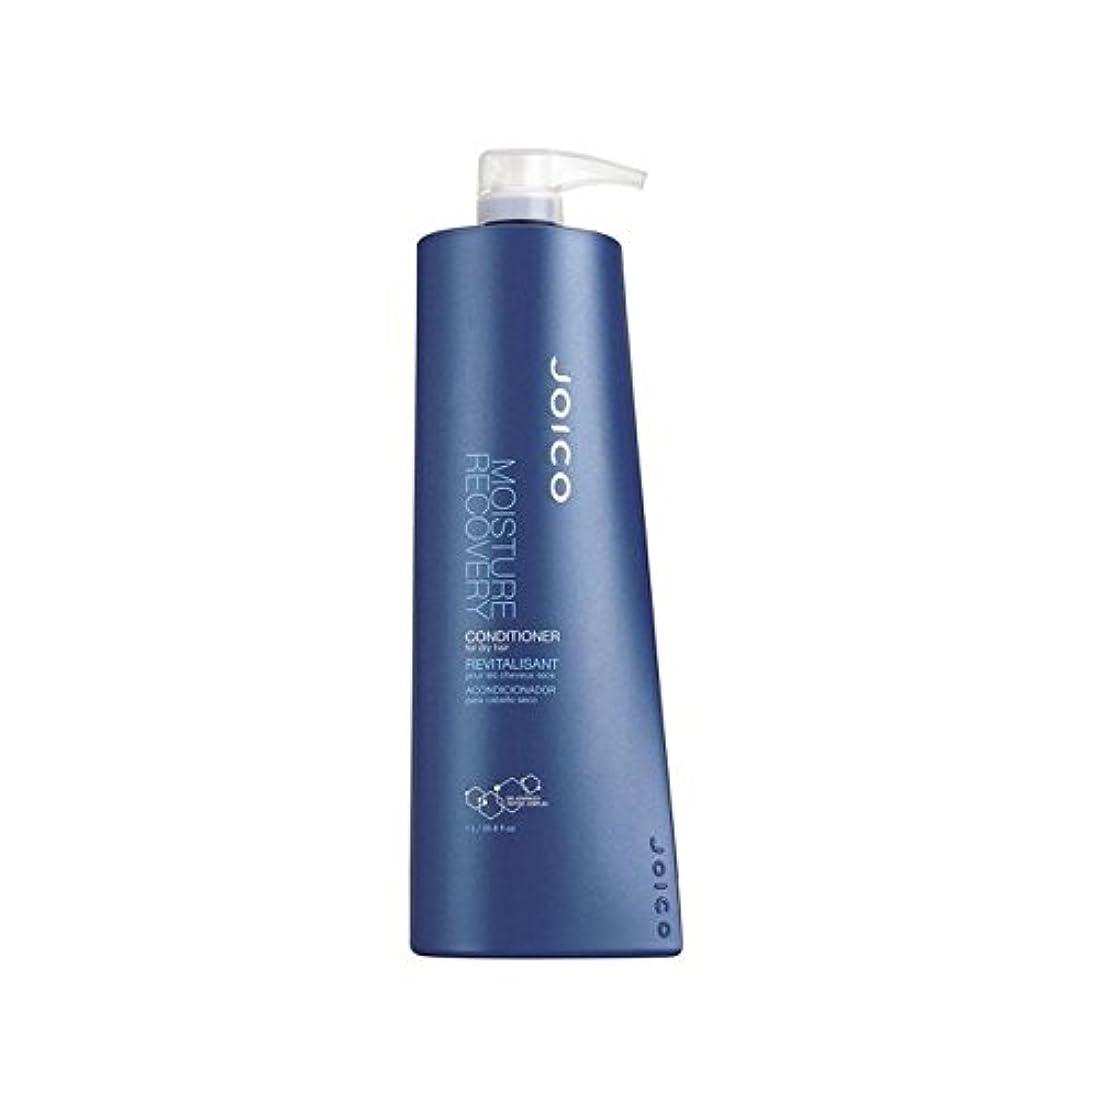 ターゲット一見サミュエル乾いた髪用ジョイコ水分回復コンディショナー(千ミリリットル) x4 - Joico Moisture Recovery Conditioner For Dry Hair (1000ml) (Pack of 4) [並行輸入品]